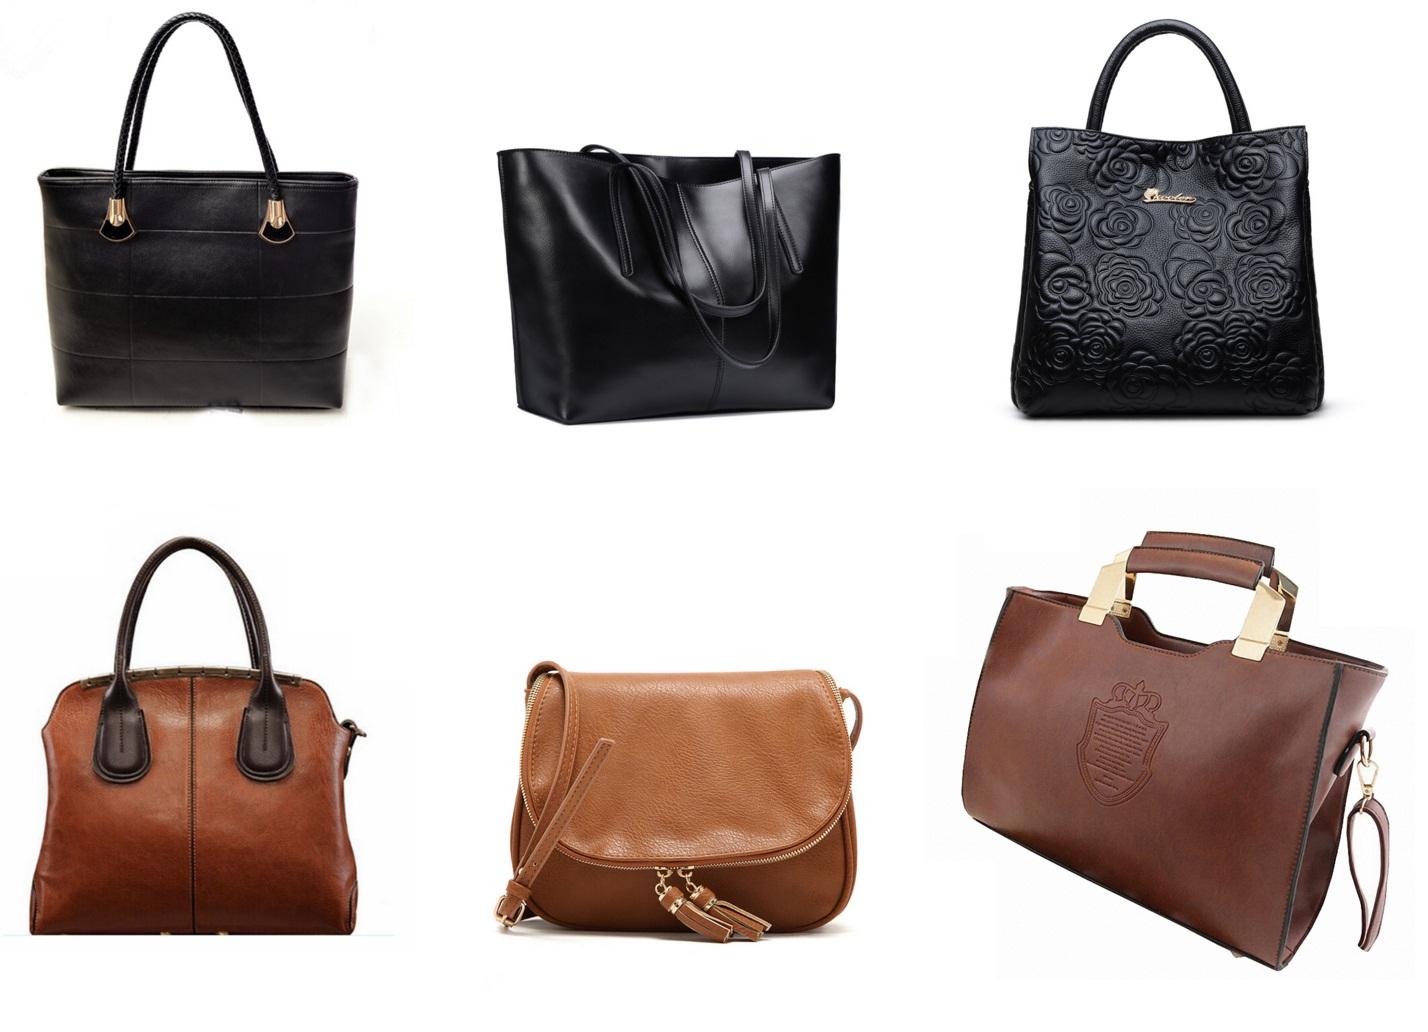 5b89d8221bf6 Как найти женские сумки из натуральной кожи на Алиэкспресс